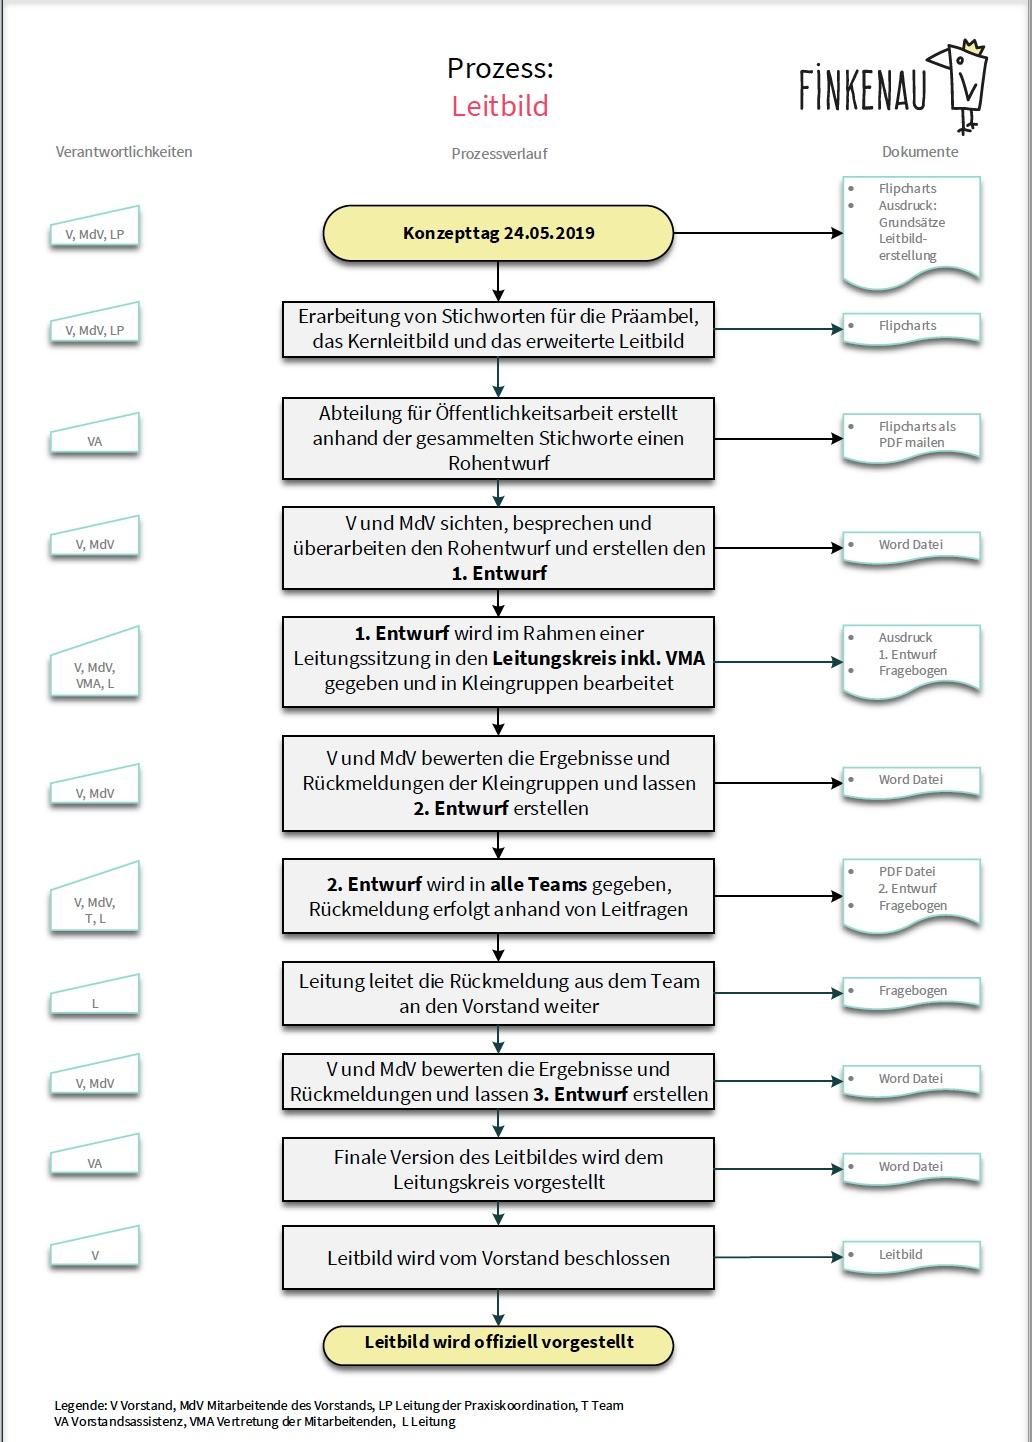 Finkenau Prozess Leitbild